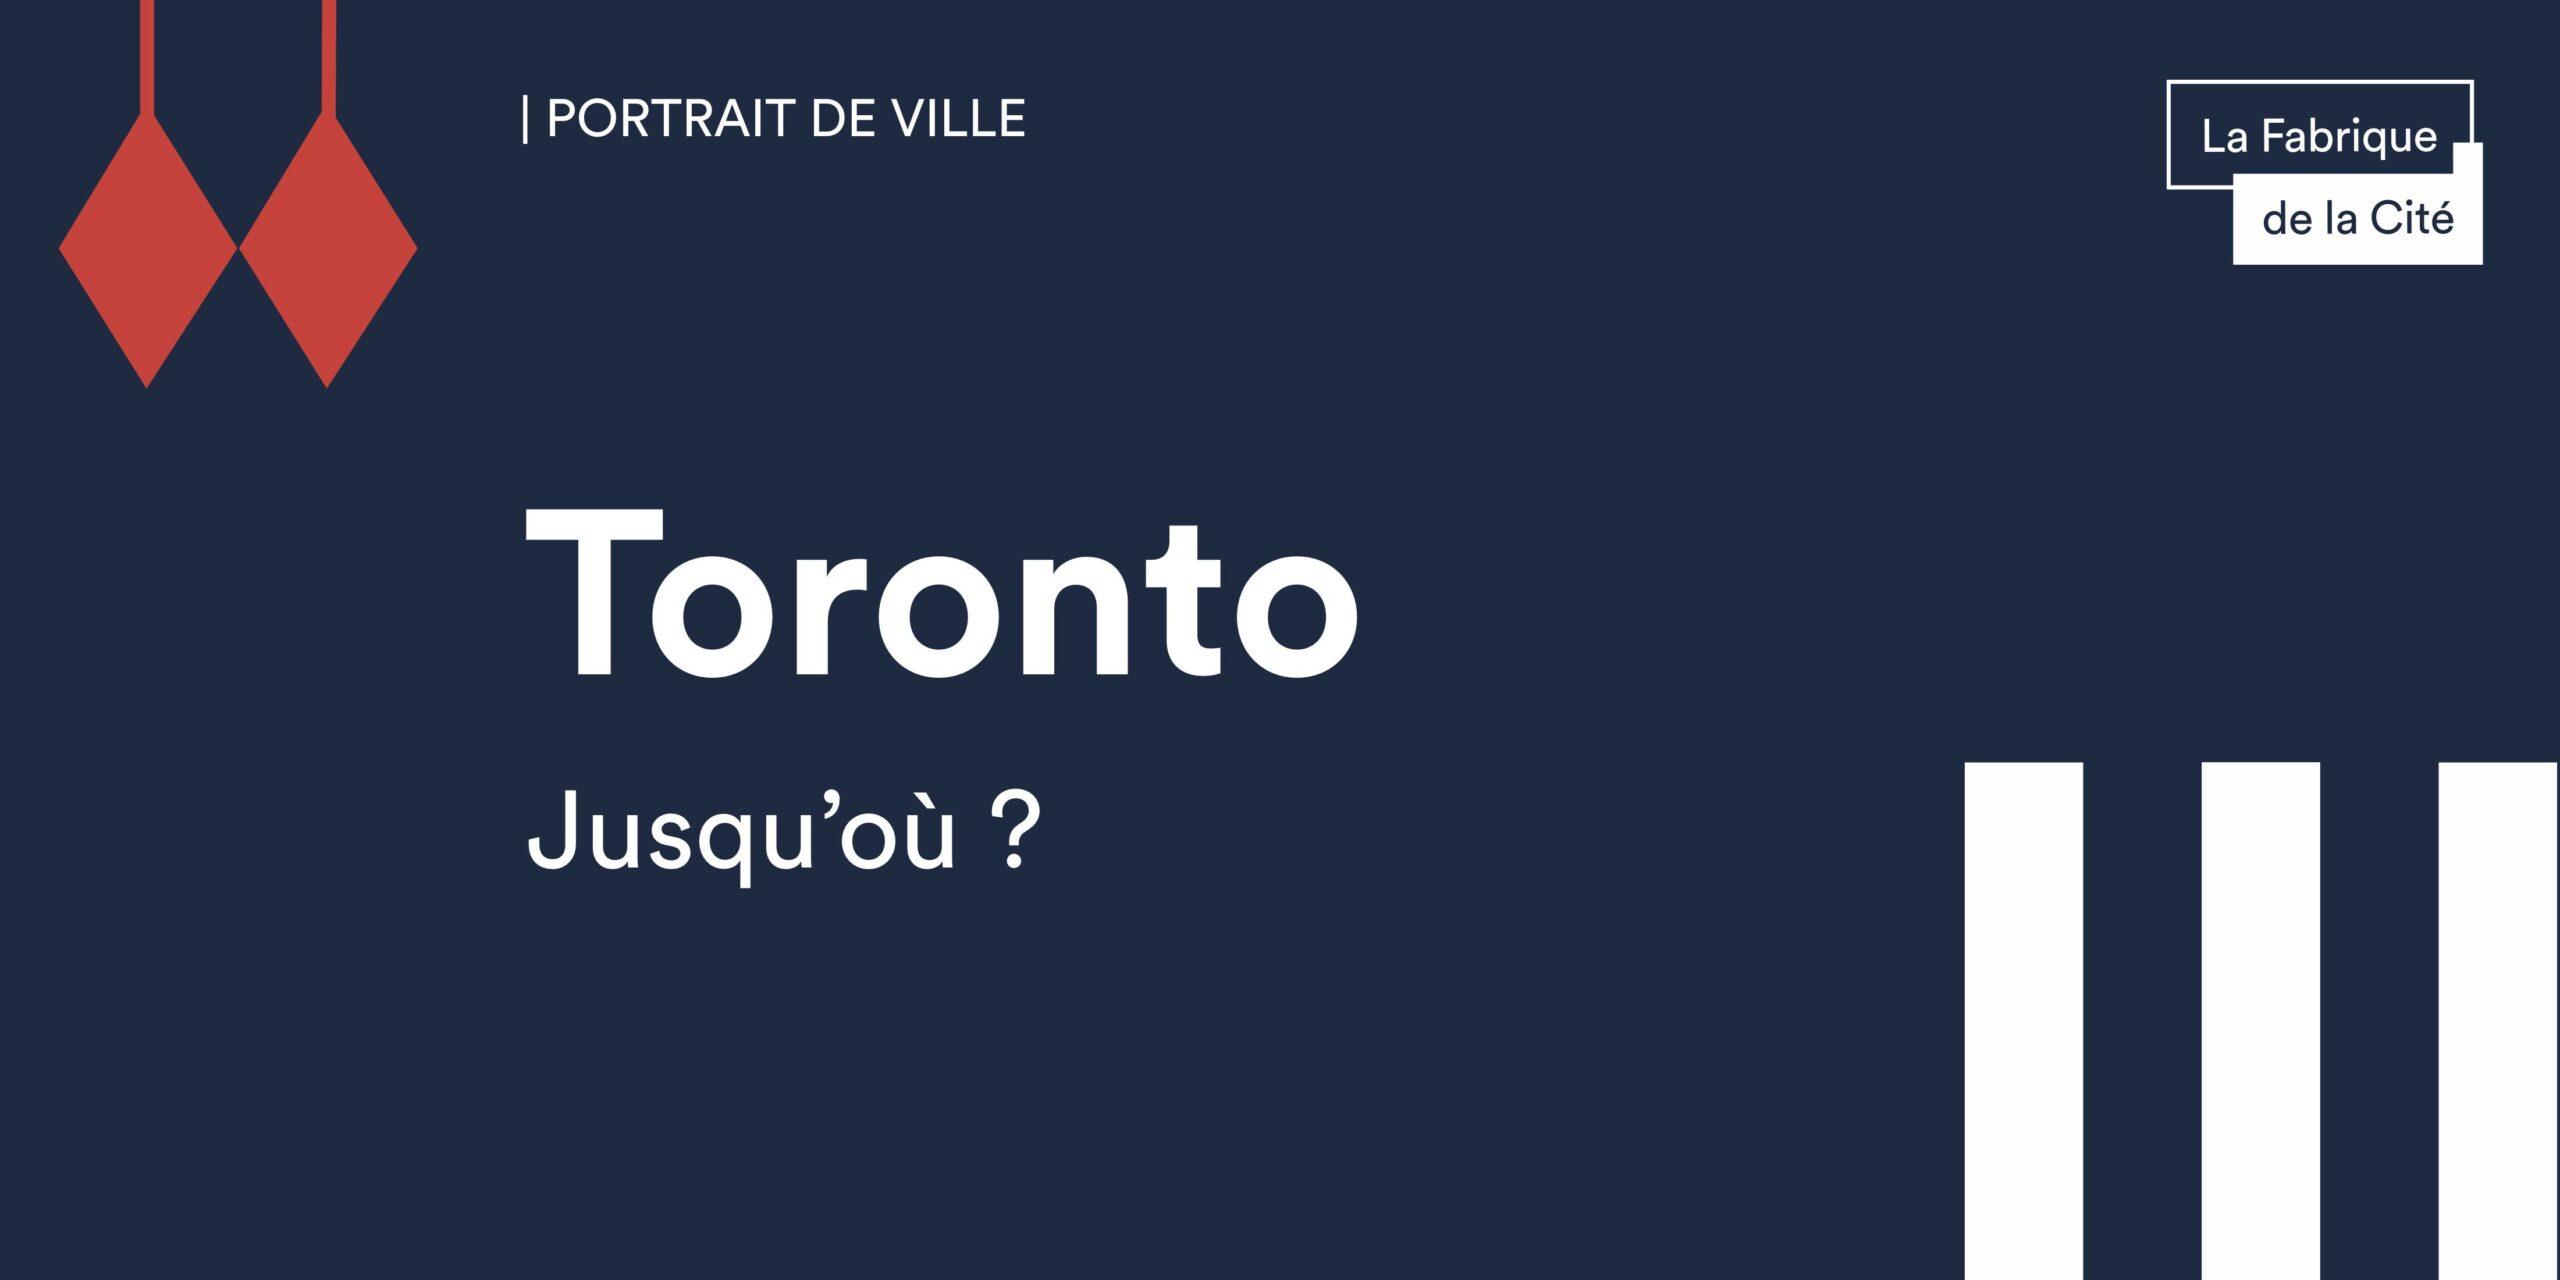 Portrait de ville de Toronto - La Fabrique de la Cité